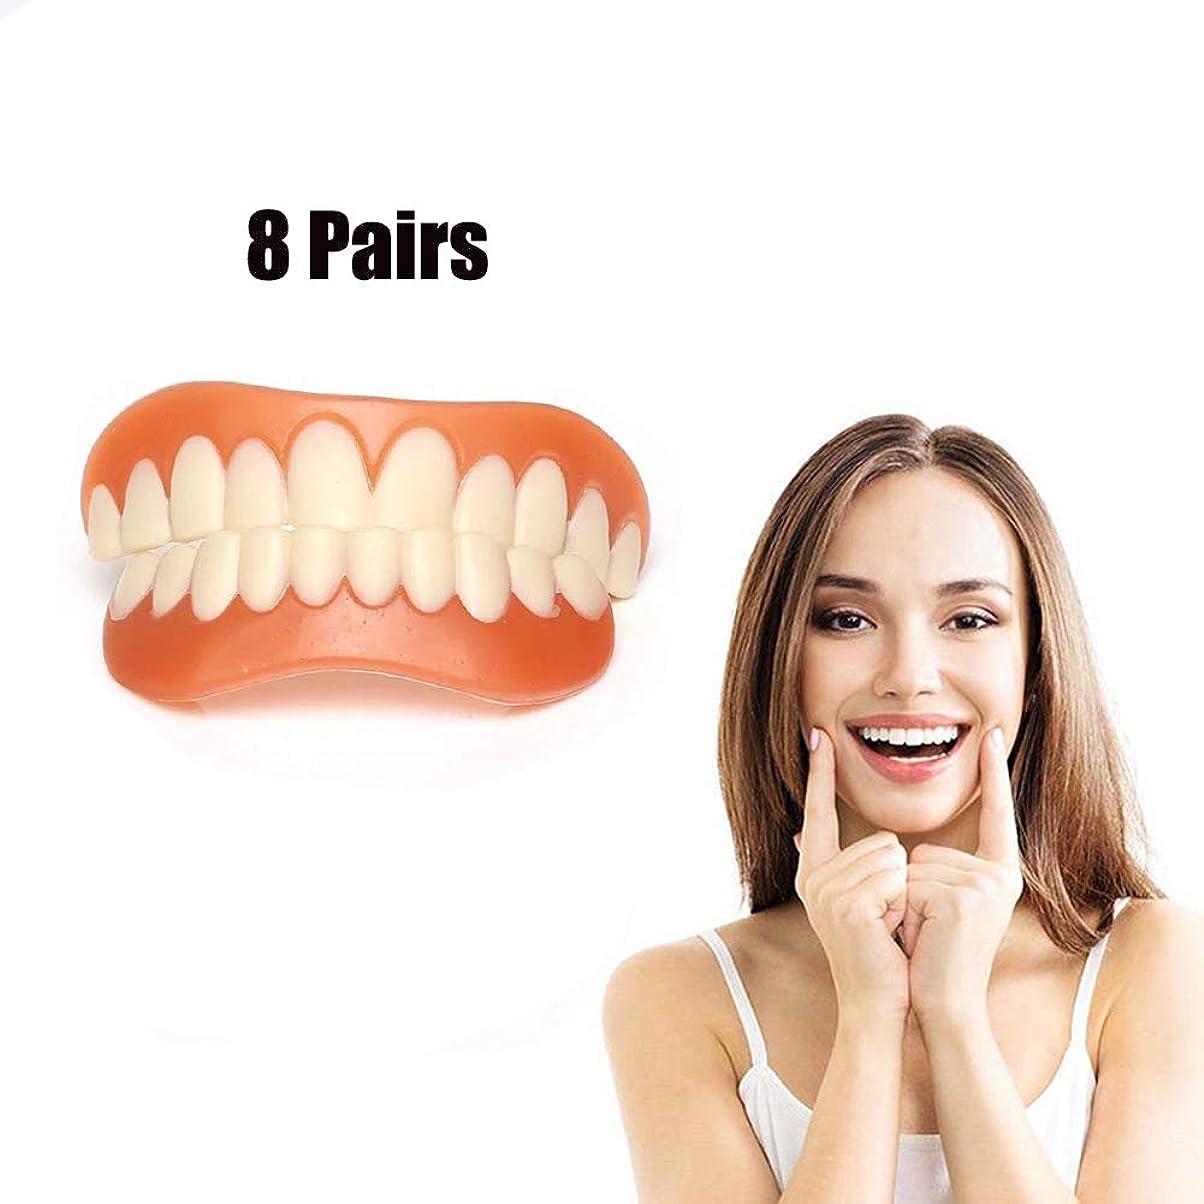 8ペア一日中化粧品DIYつけ歯インスタントスマイルコンフォートフレックスパーフェクトスマイルベニア数分以内に自宅であなたの笑顔を直しましょう!